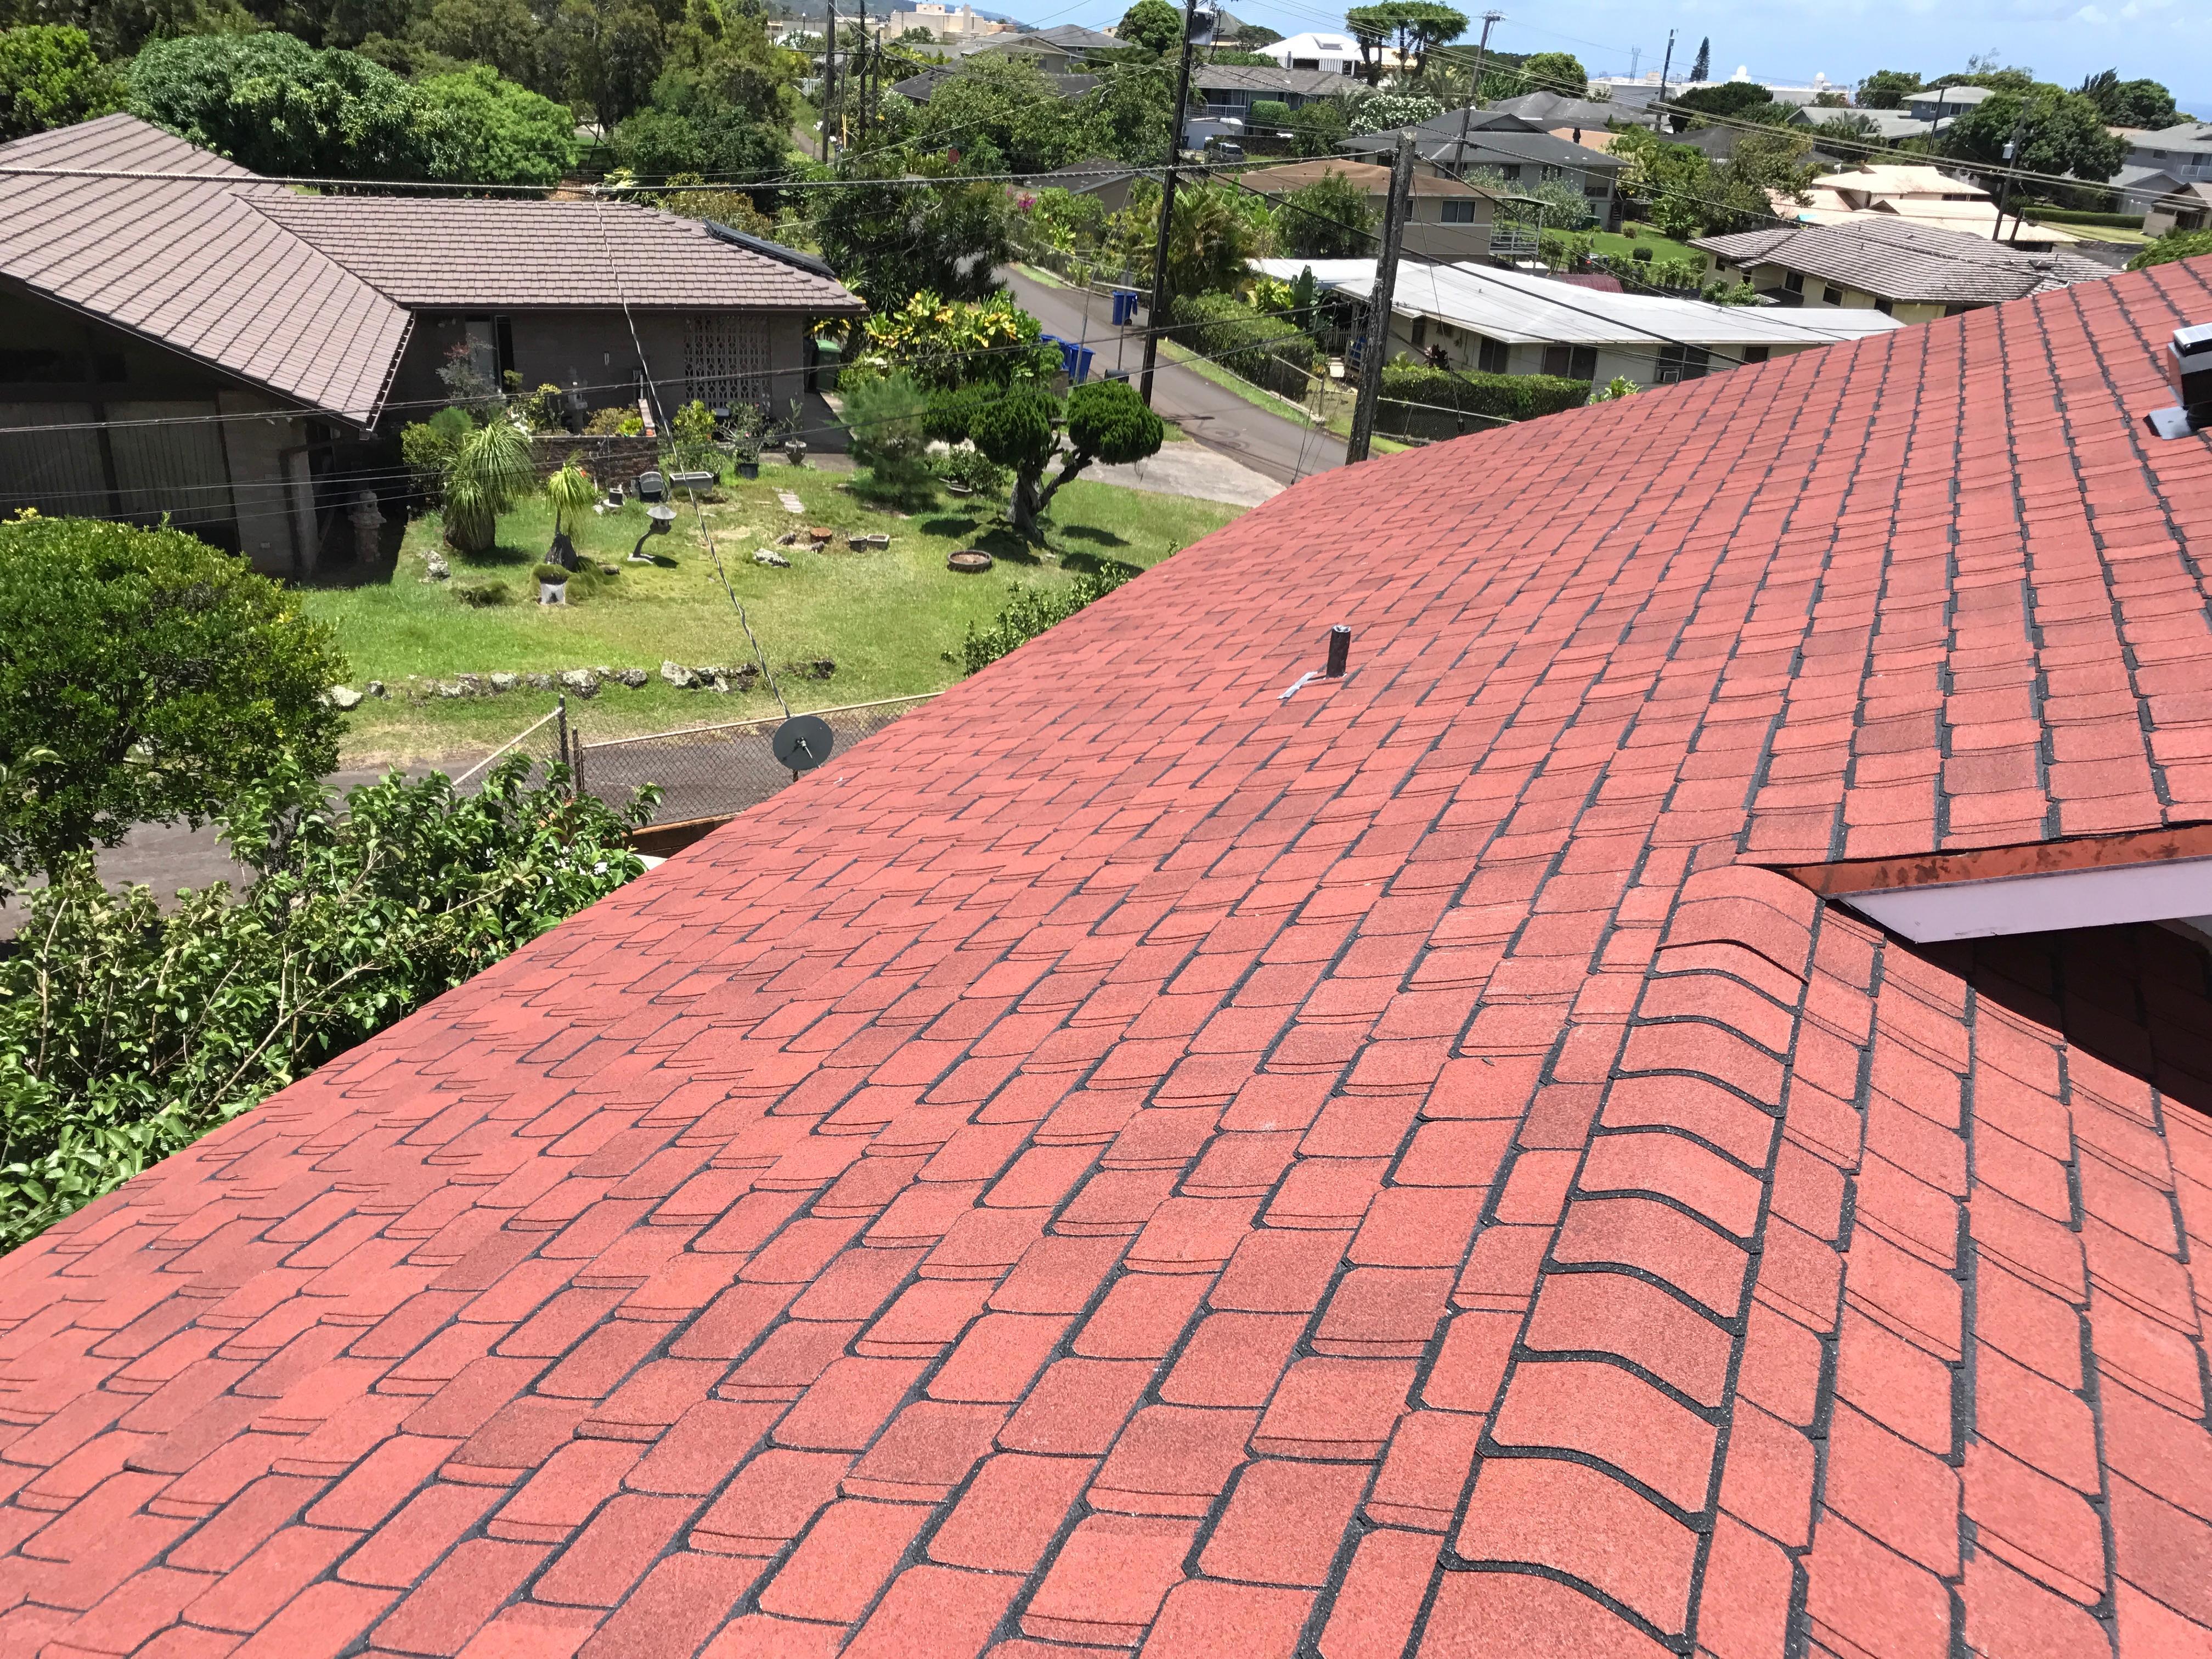 Heritage Roofing & Waterproofing Inc image 5